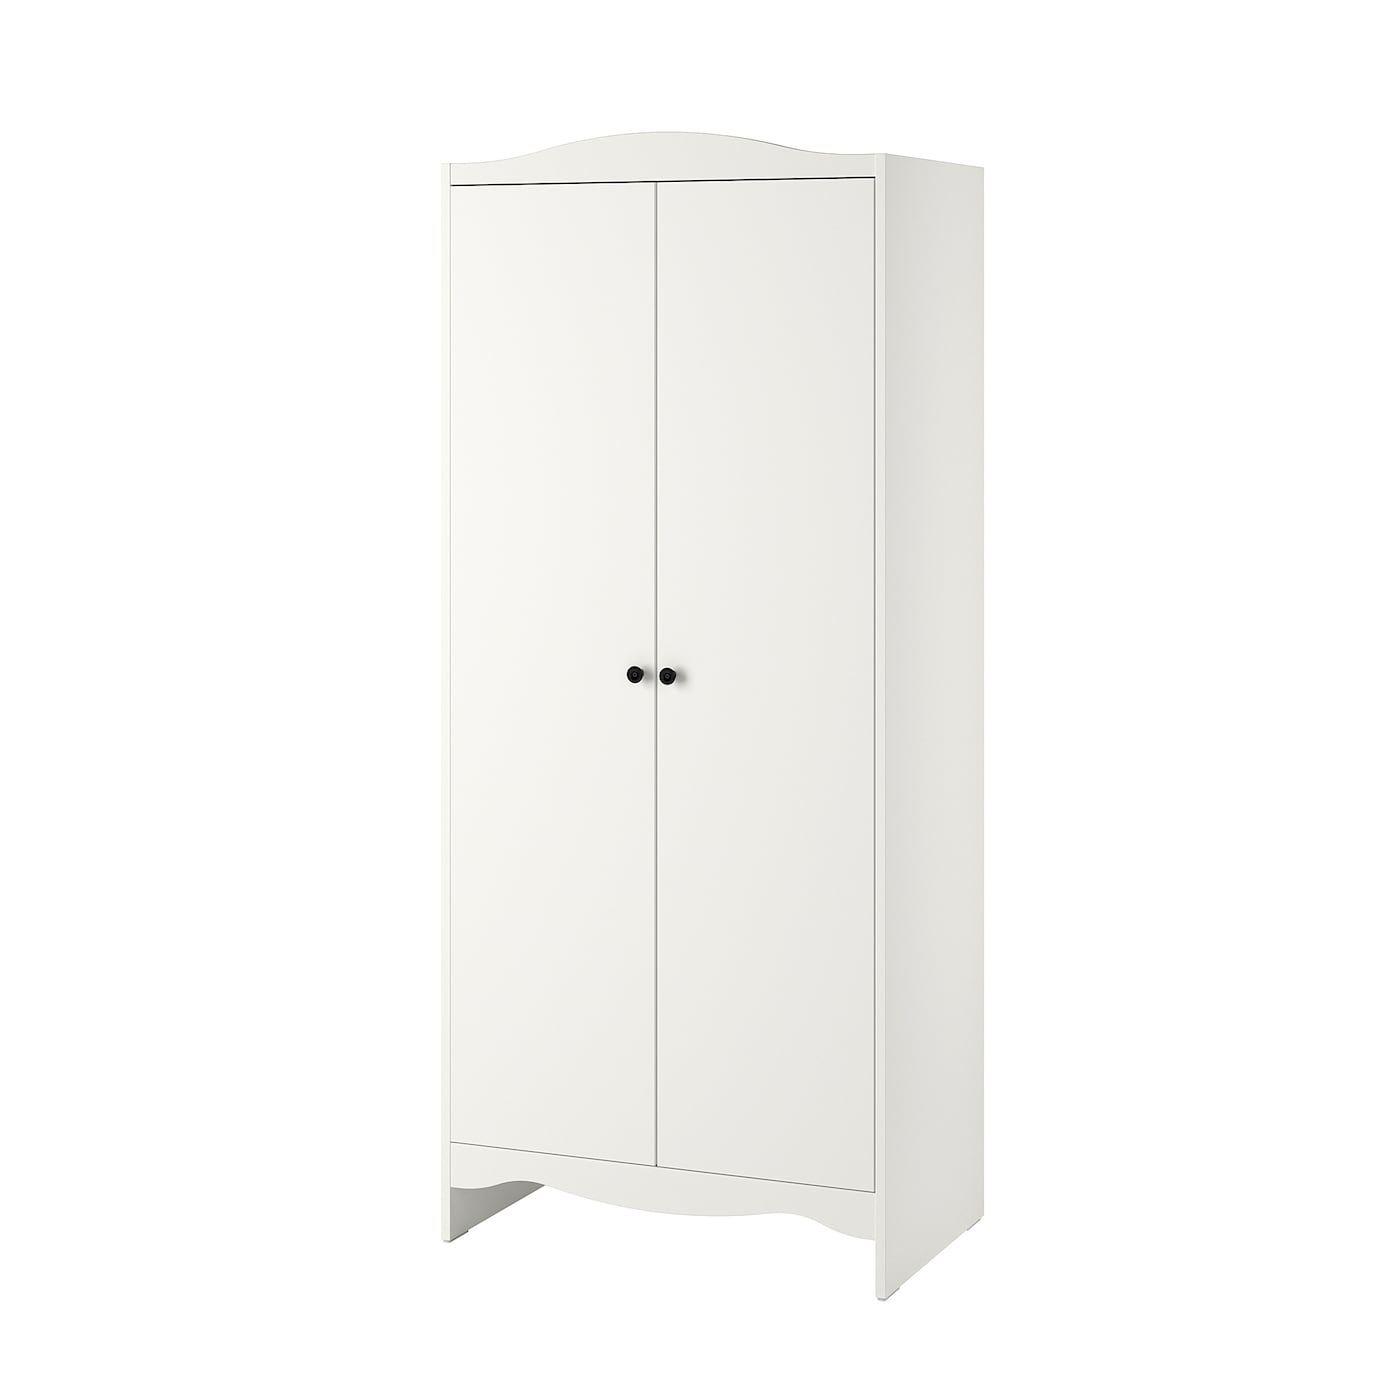 Smagora Kleiderschrank Weiss Ikea Osterreich In 2020 Ikea Ikea Storage Furniture Adjustable Shelving